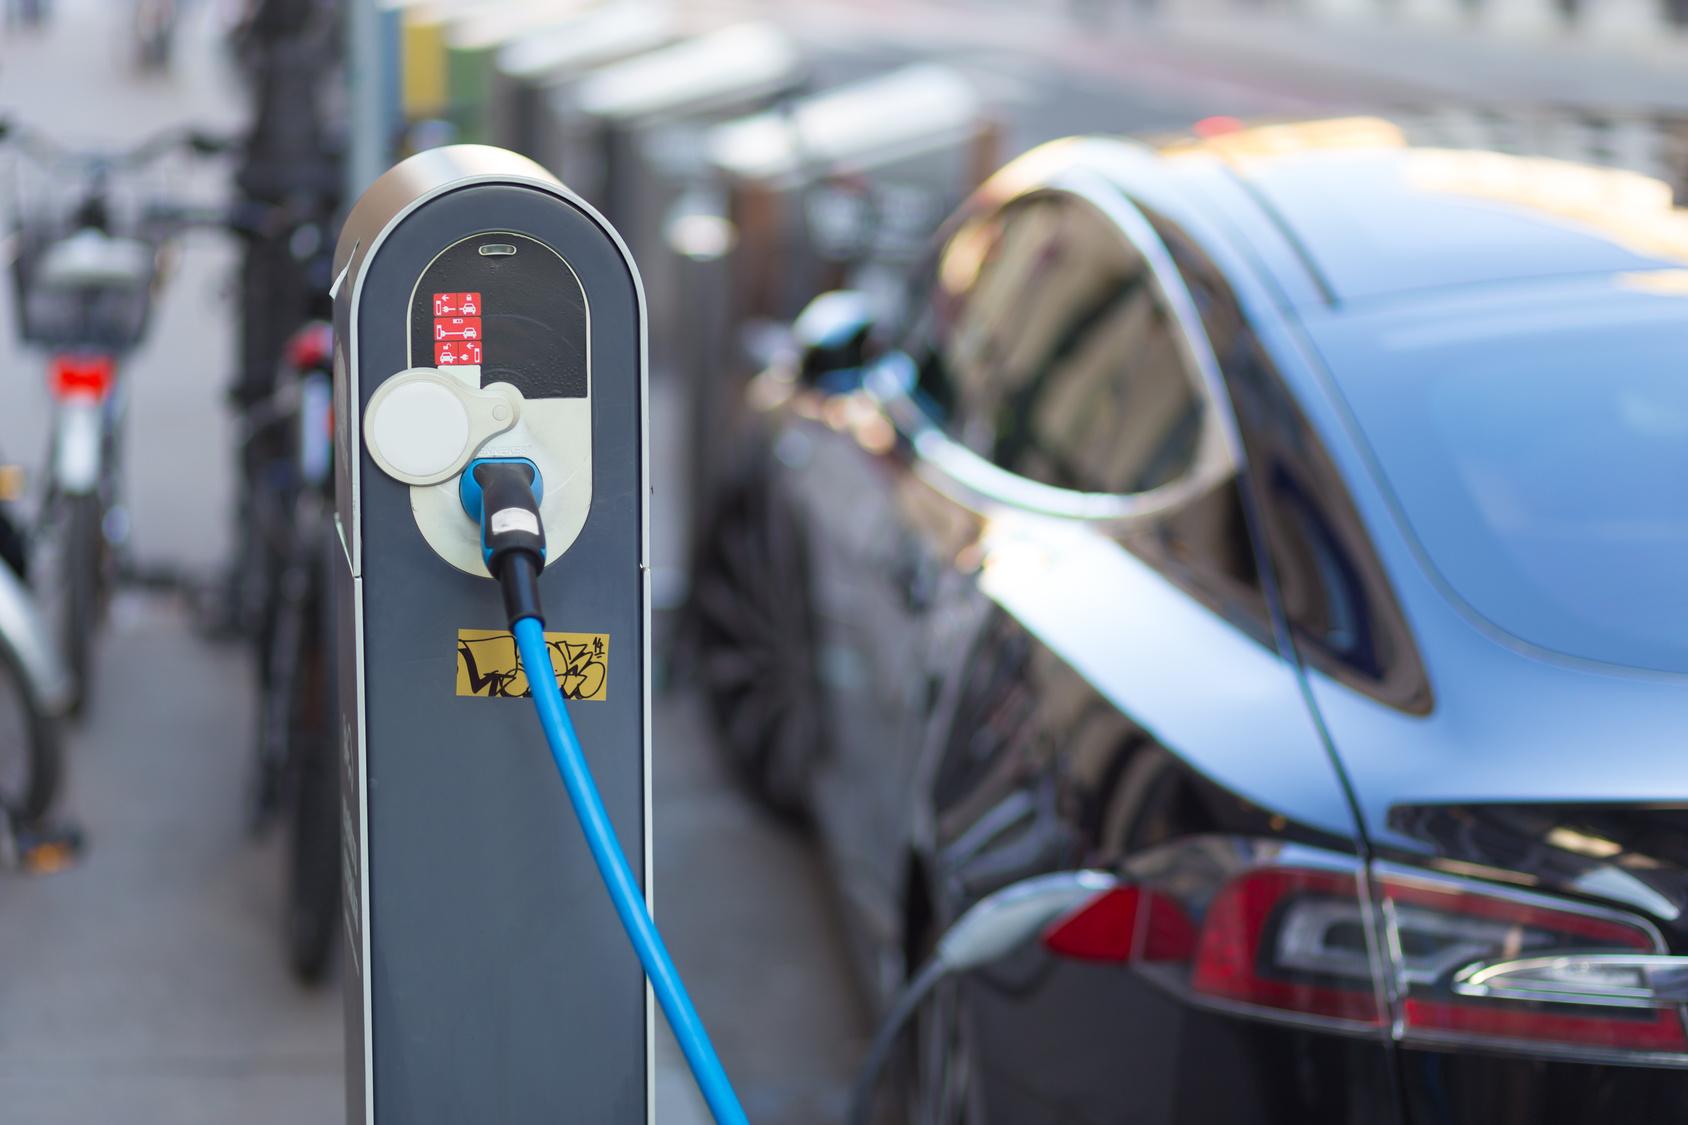 Programmation Pluriannuelle de l'Energie : un volet sur la mobilité électrique ambitieux